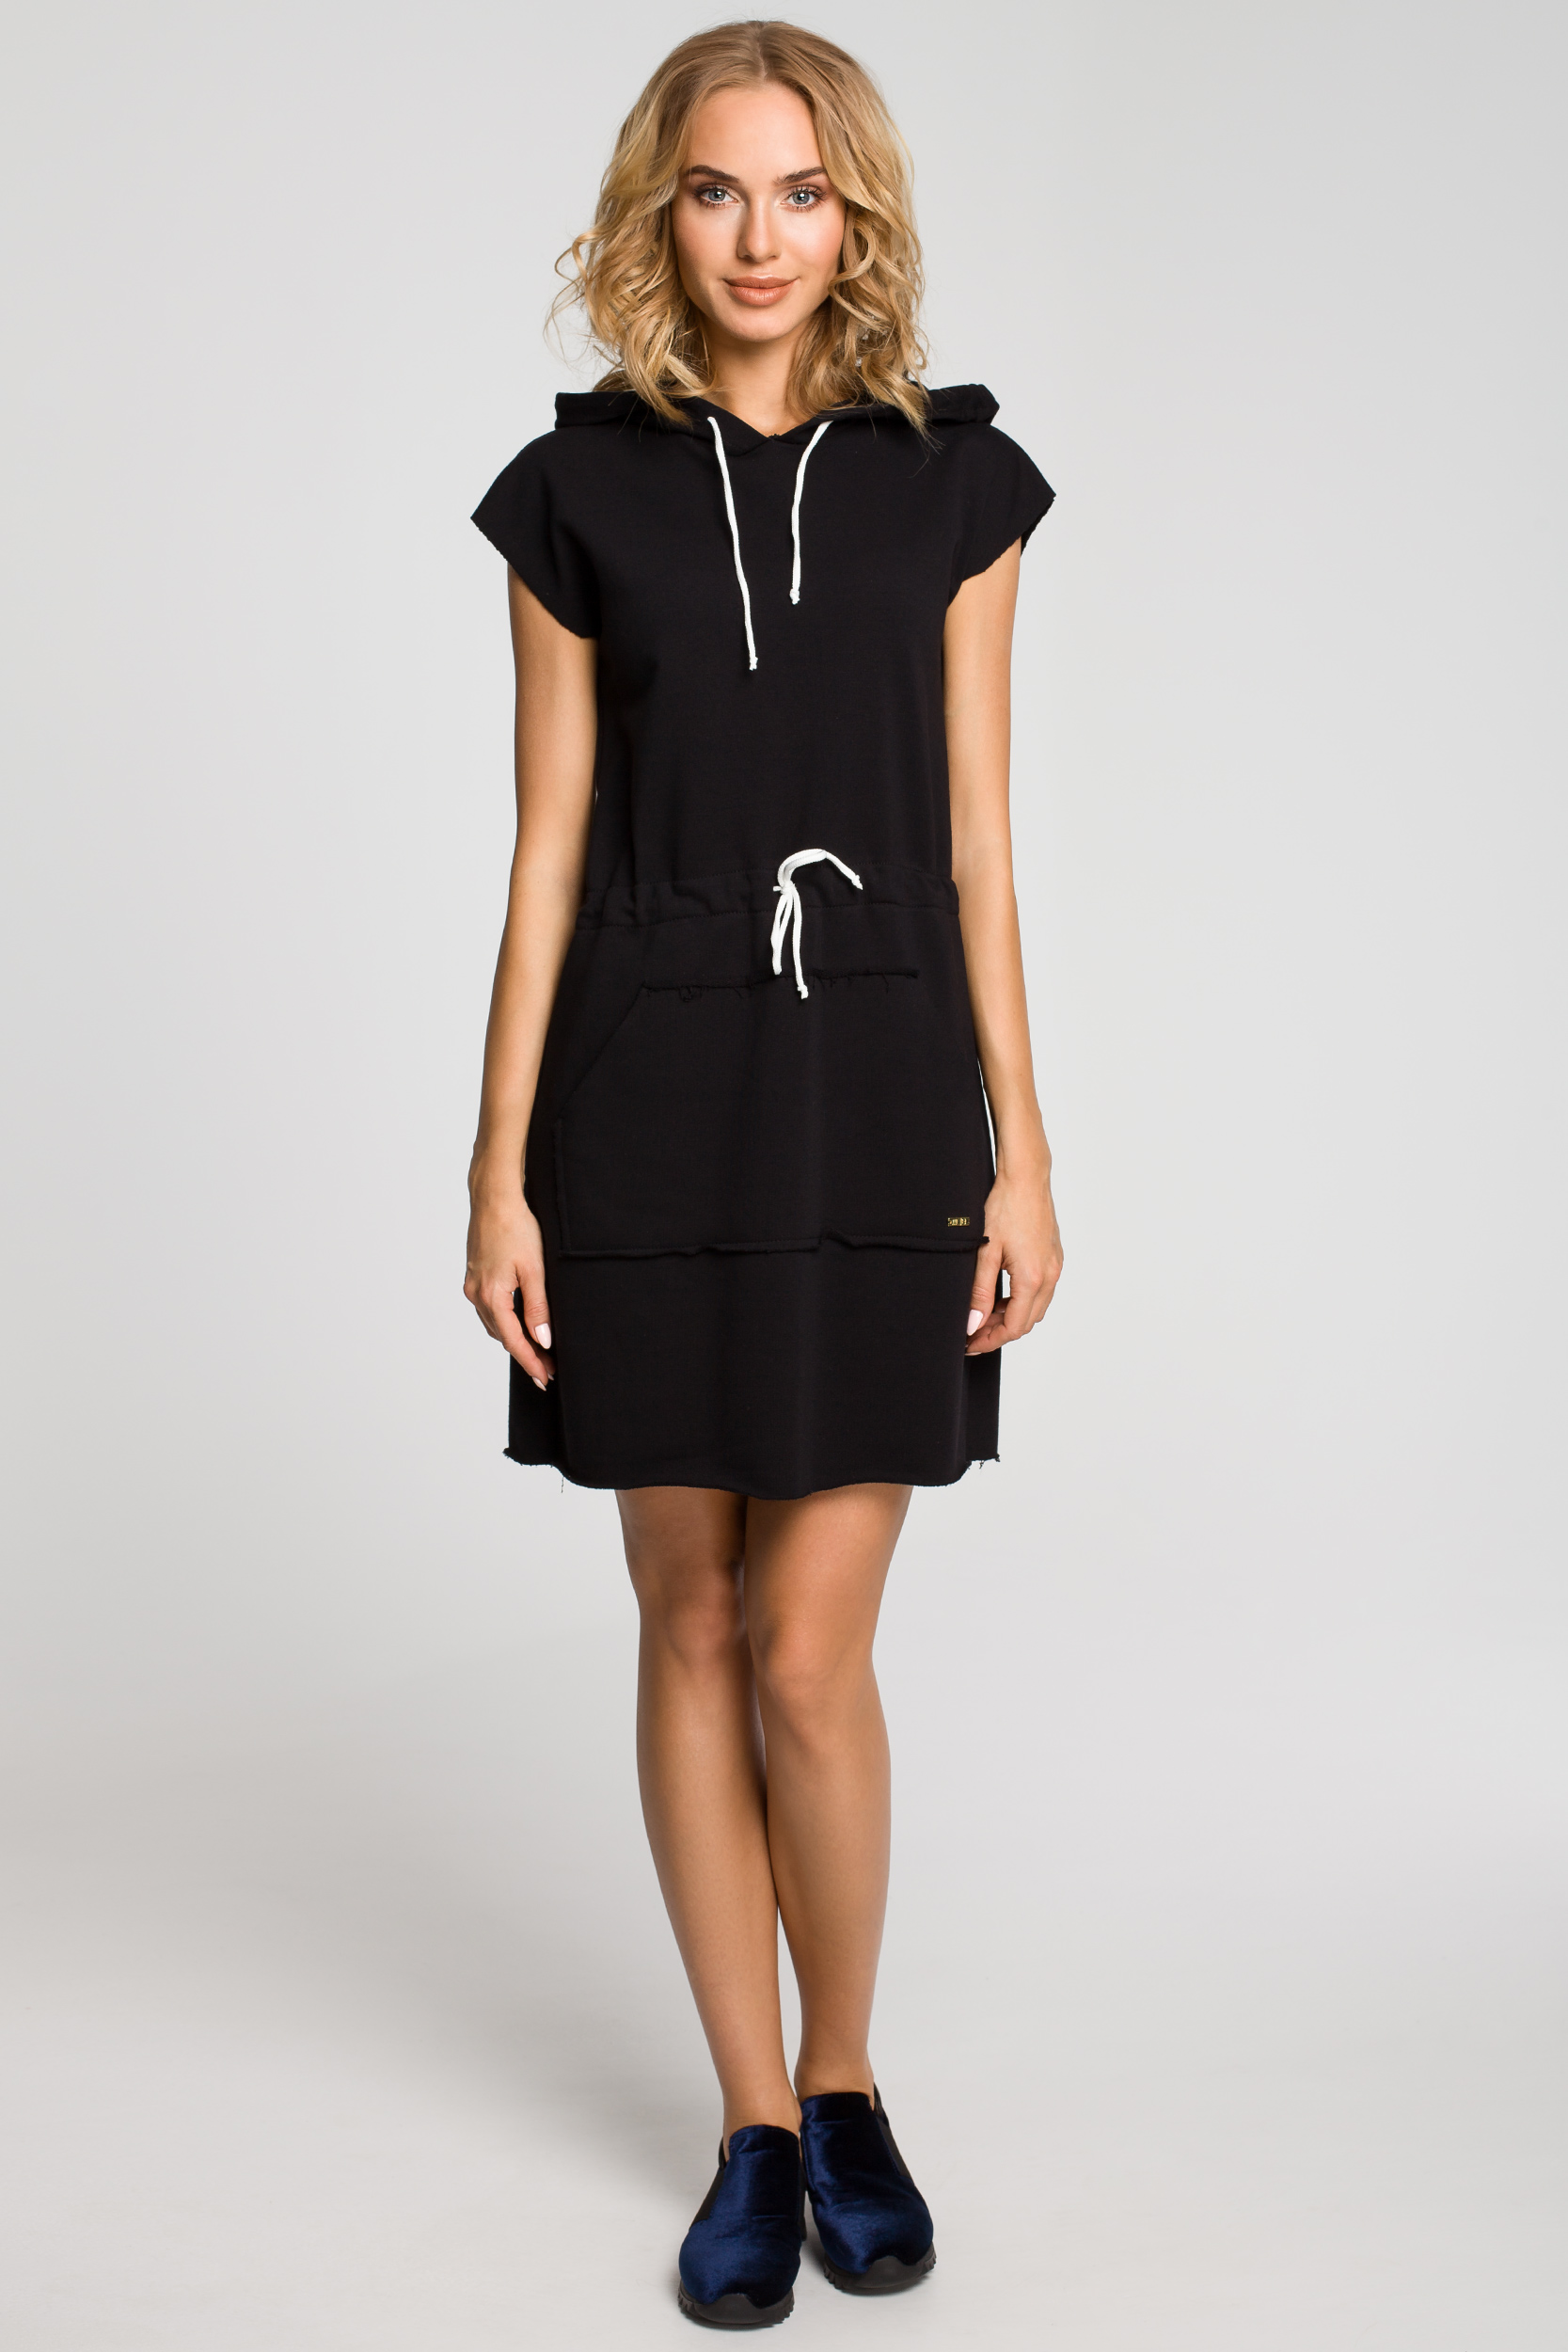 CM0819 Dresowa sukienka z kapturem i troczkami - czarna